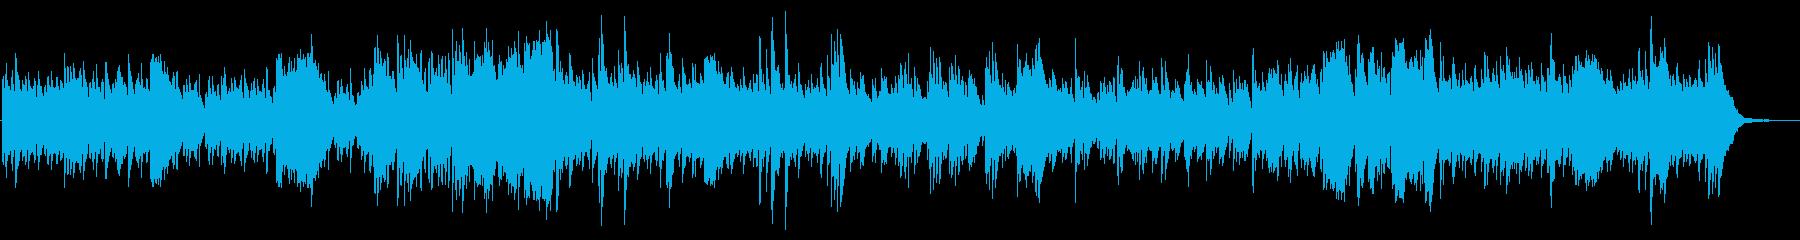 ハープ曲、ファンタジーの世界の再生済みの波形